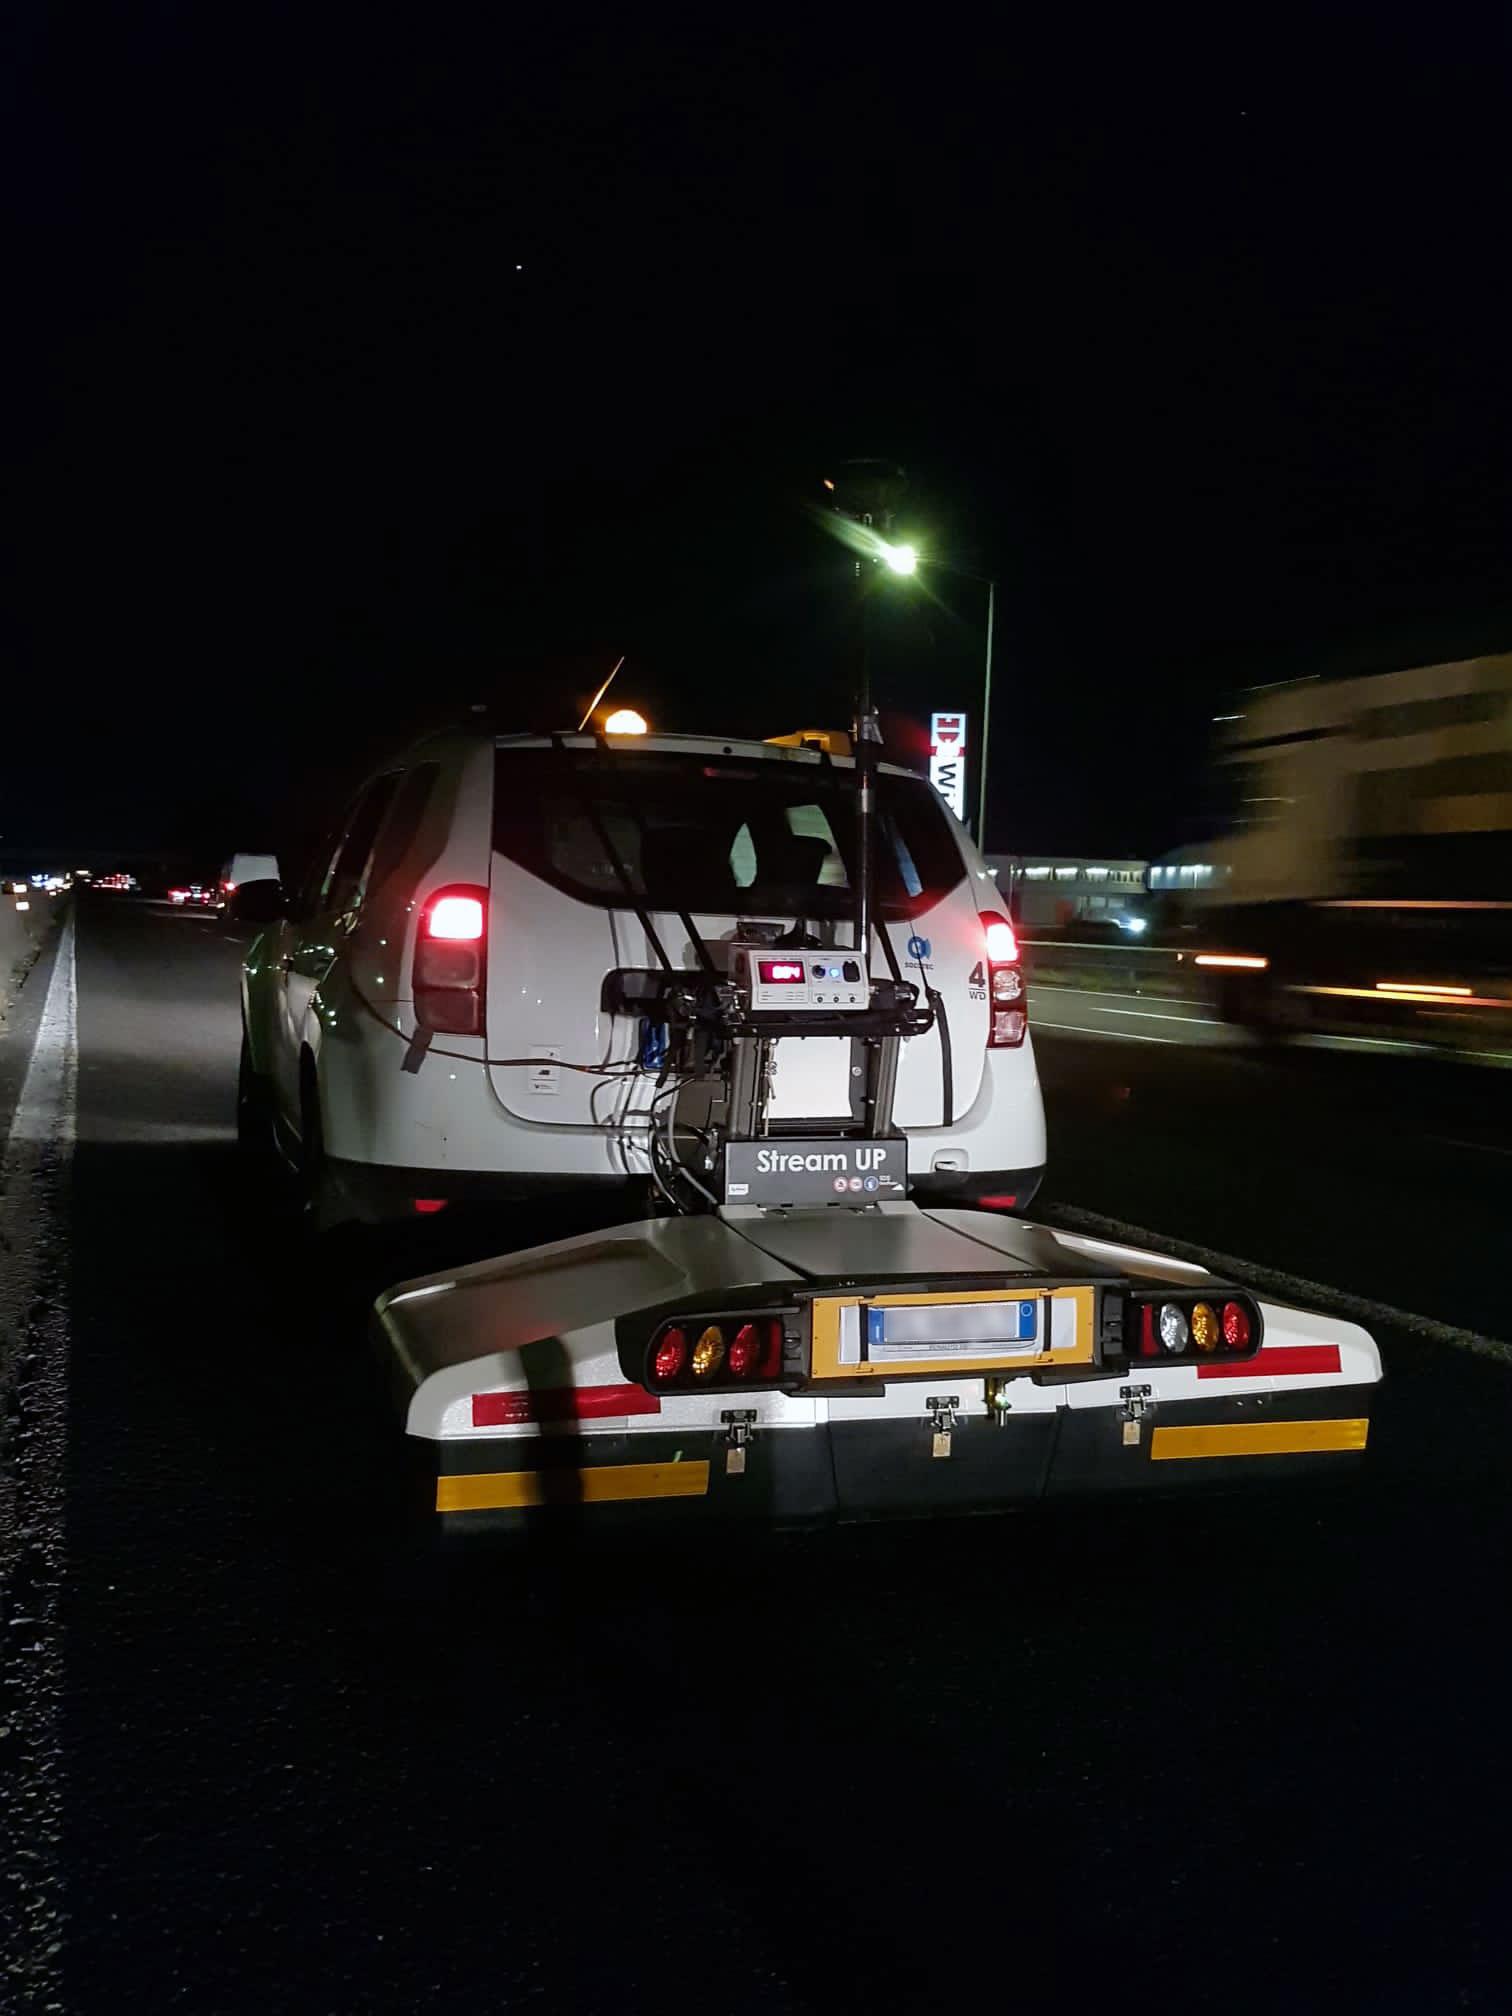 STREAM UP autostrade indagine